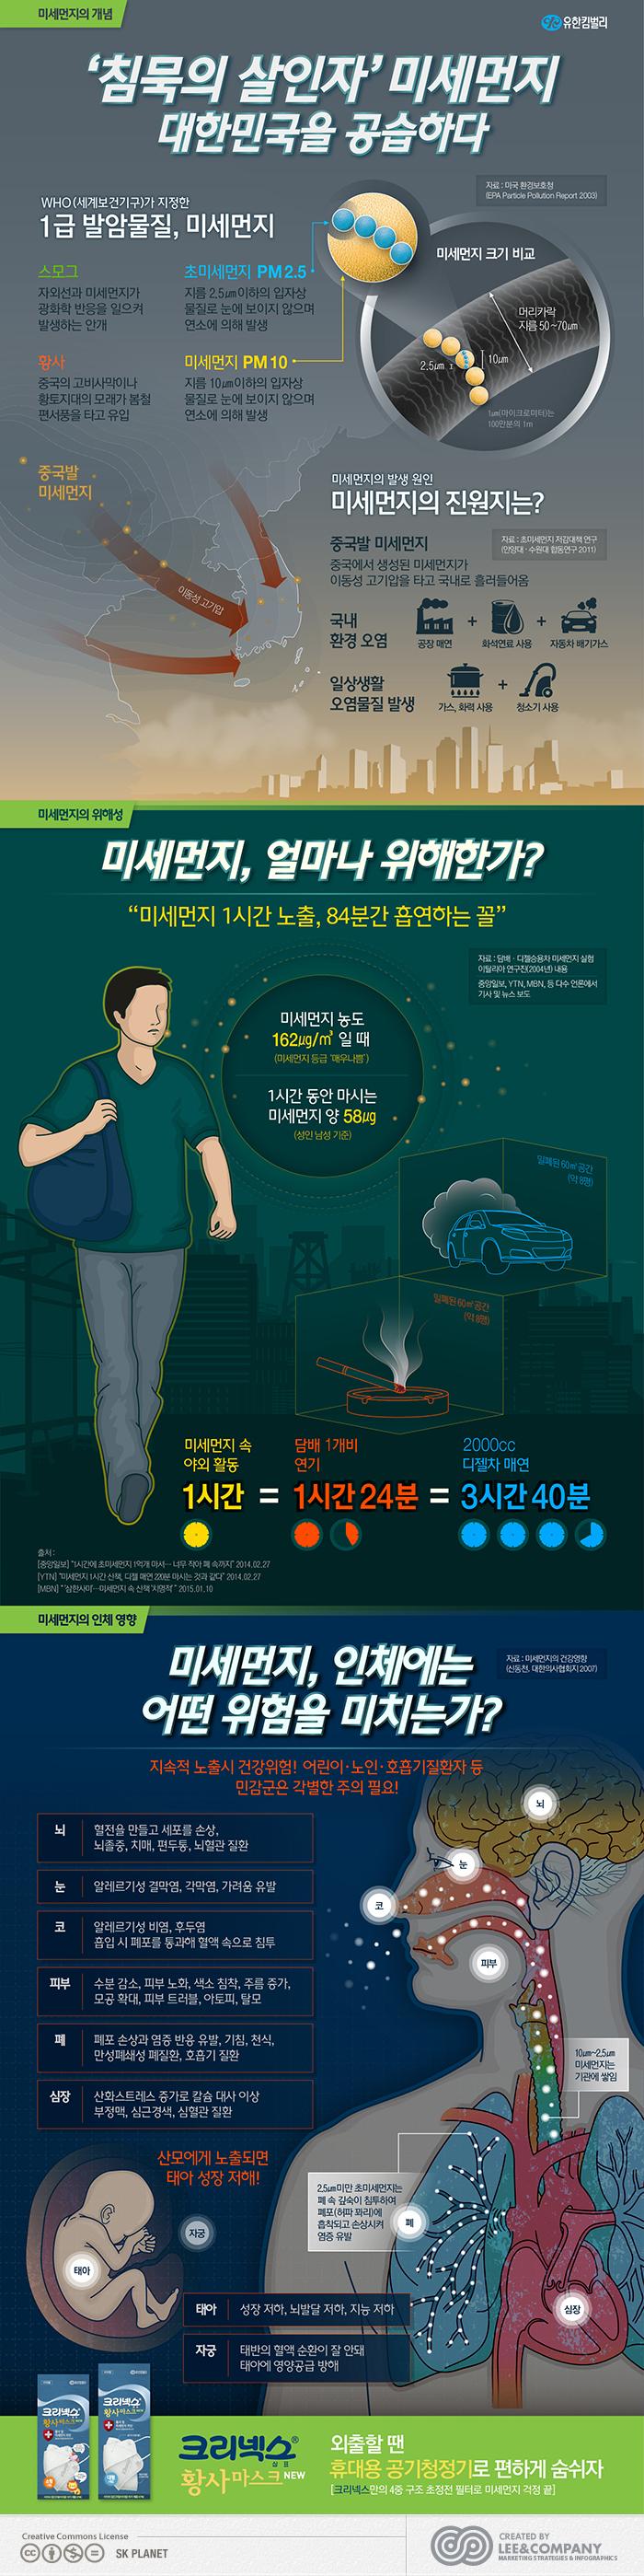 [리앤컴퍼니]_크리넥스_2월_1_전체컷_V.1.0.0